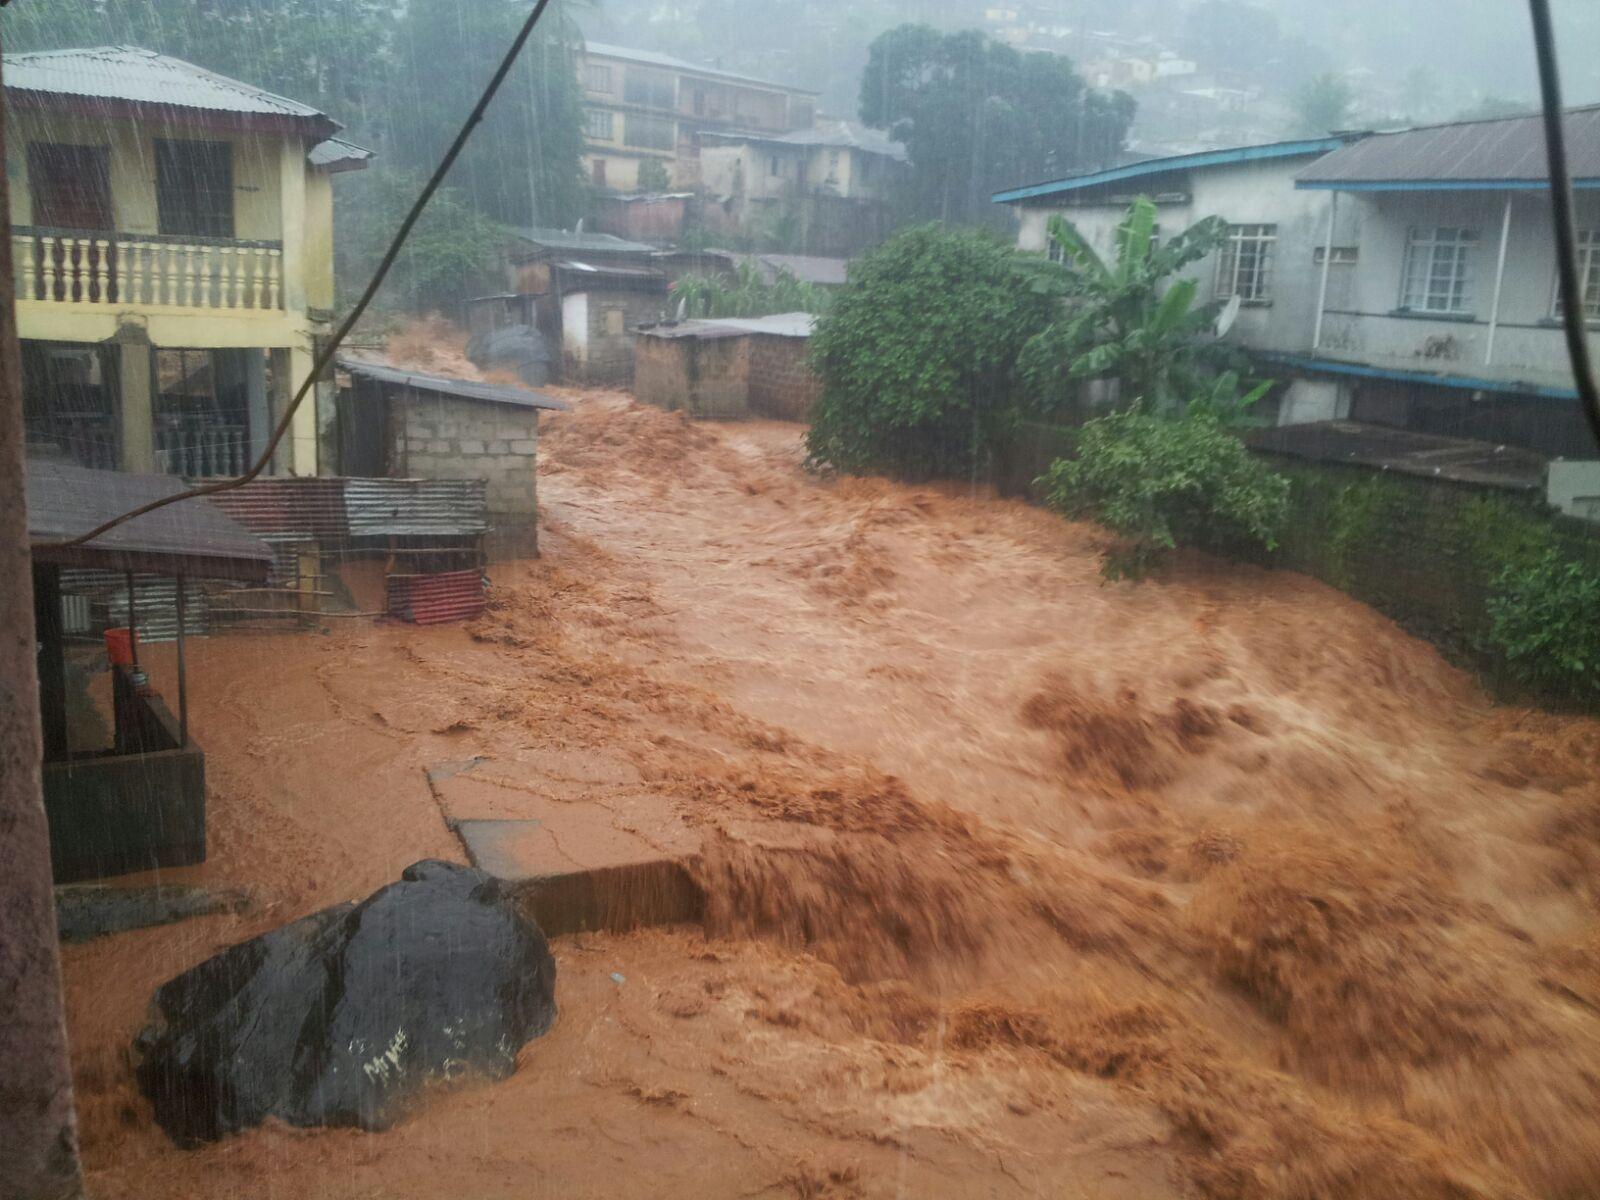 Floods in Freetown, Sierra Leone